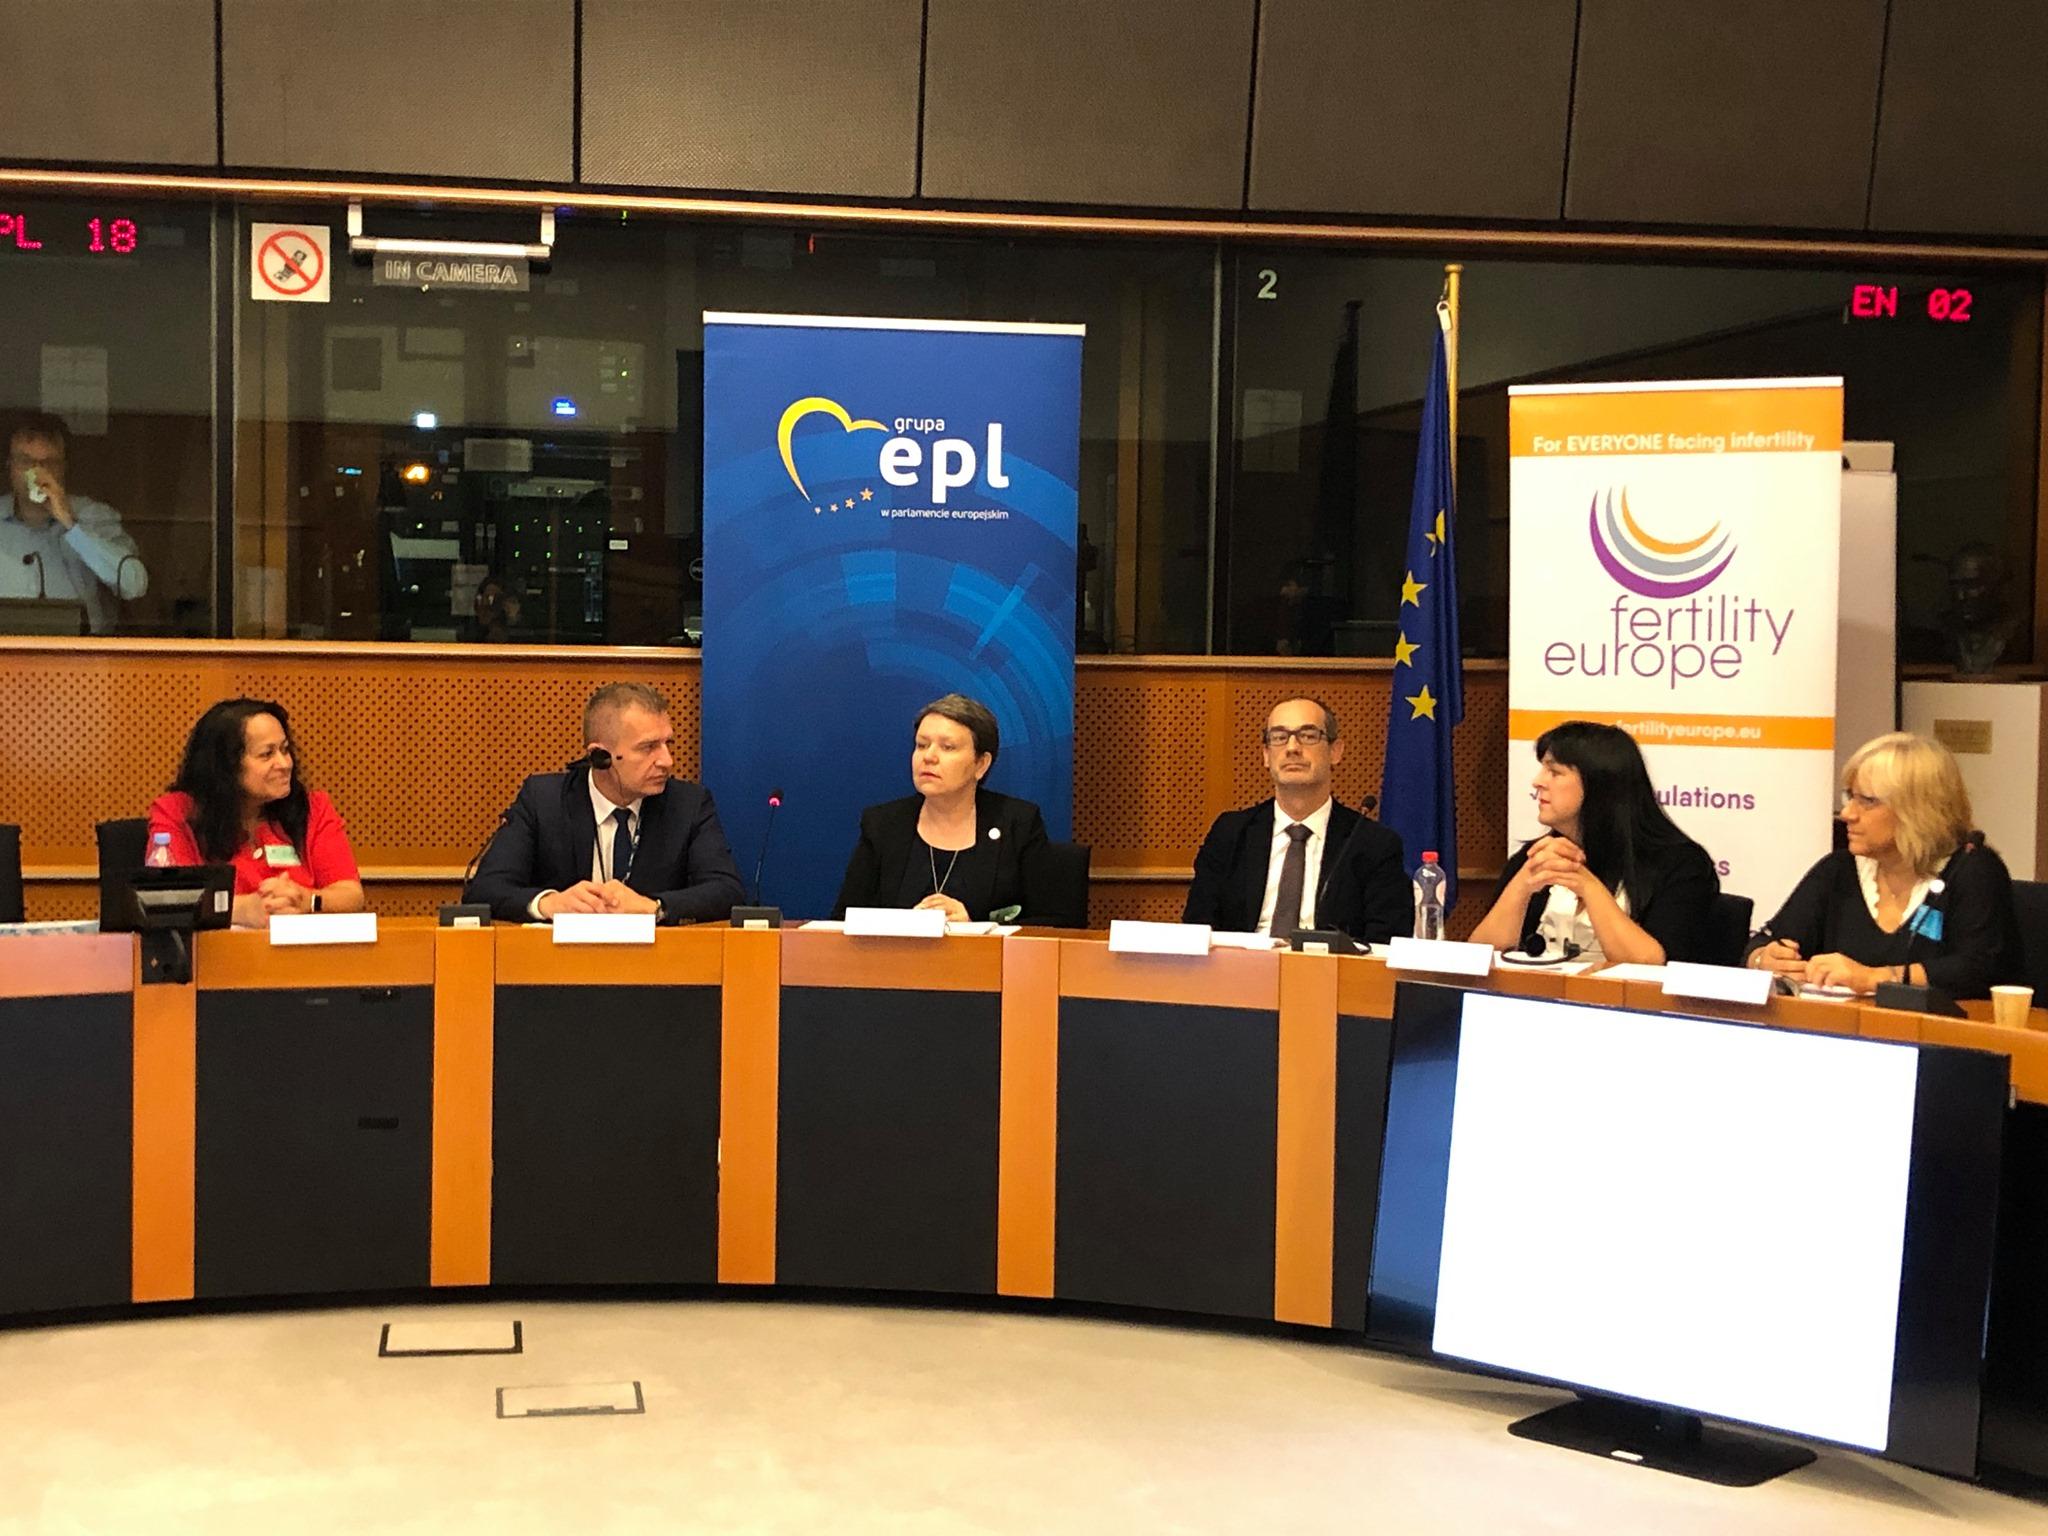 Призив на Fertility Europe за включване на фертилността в здравното образование на европейските граждани